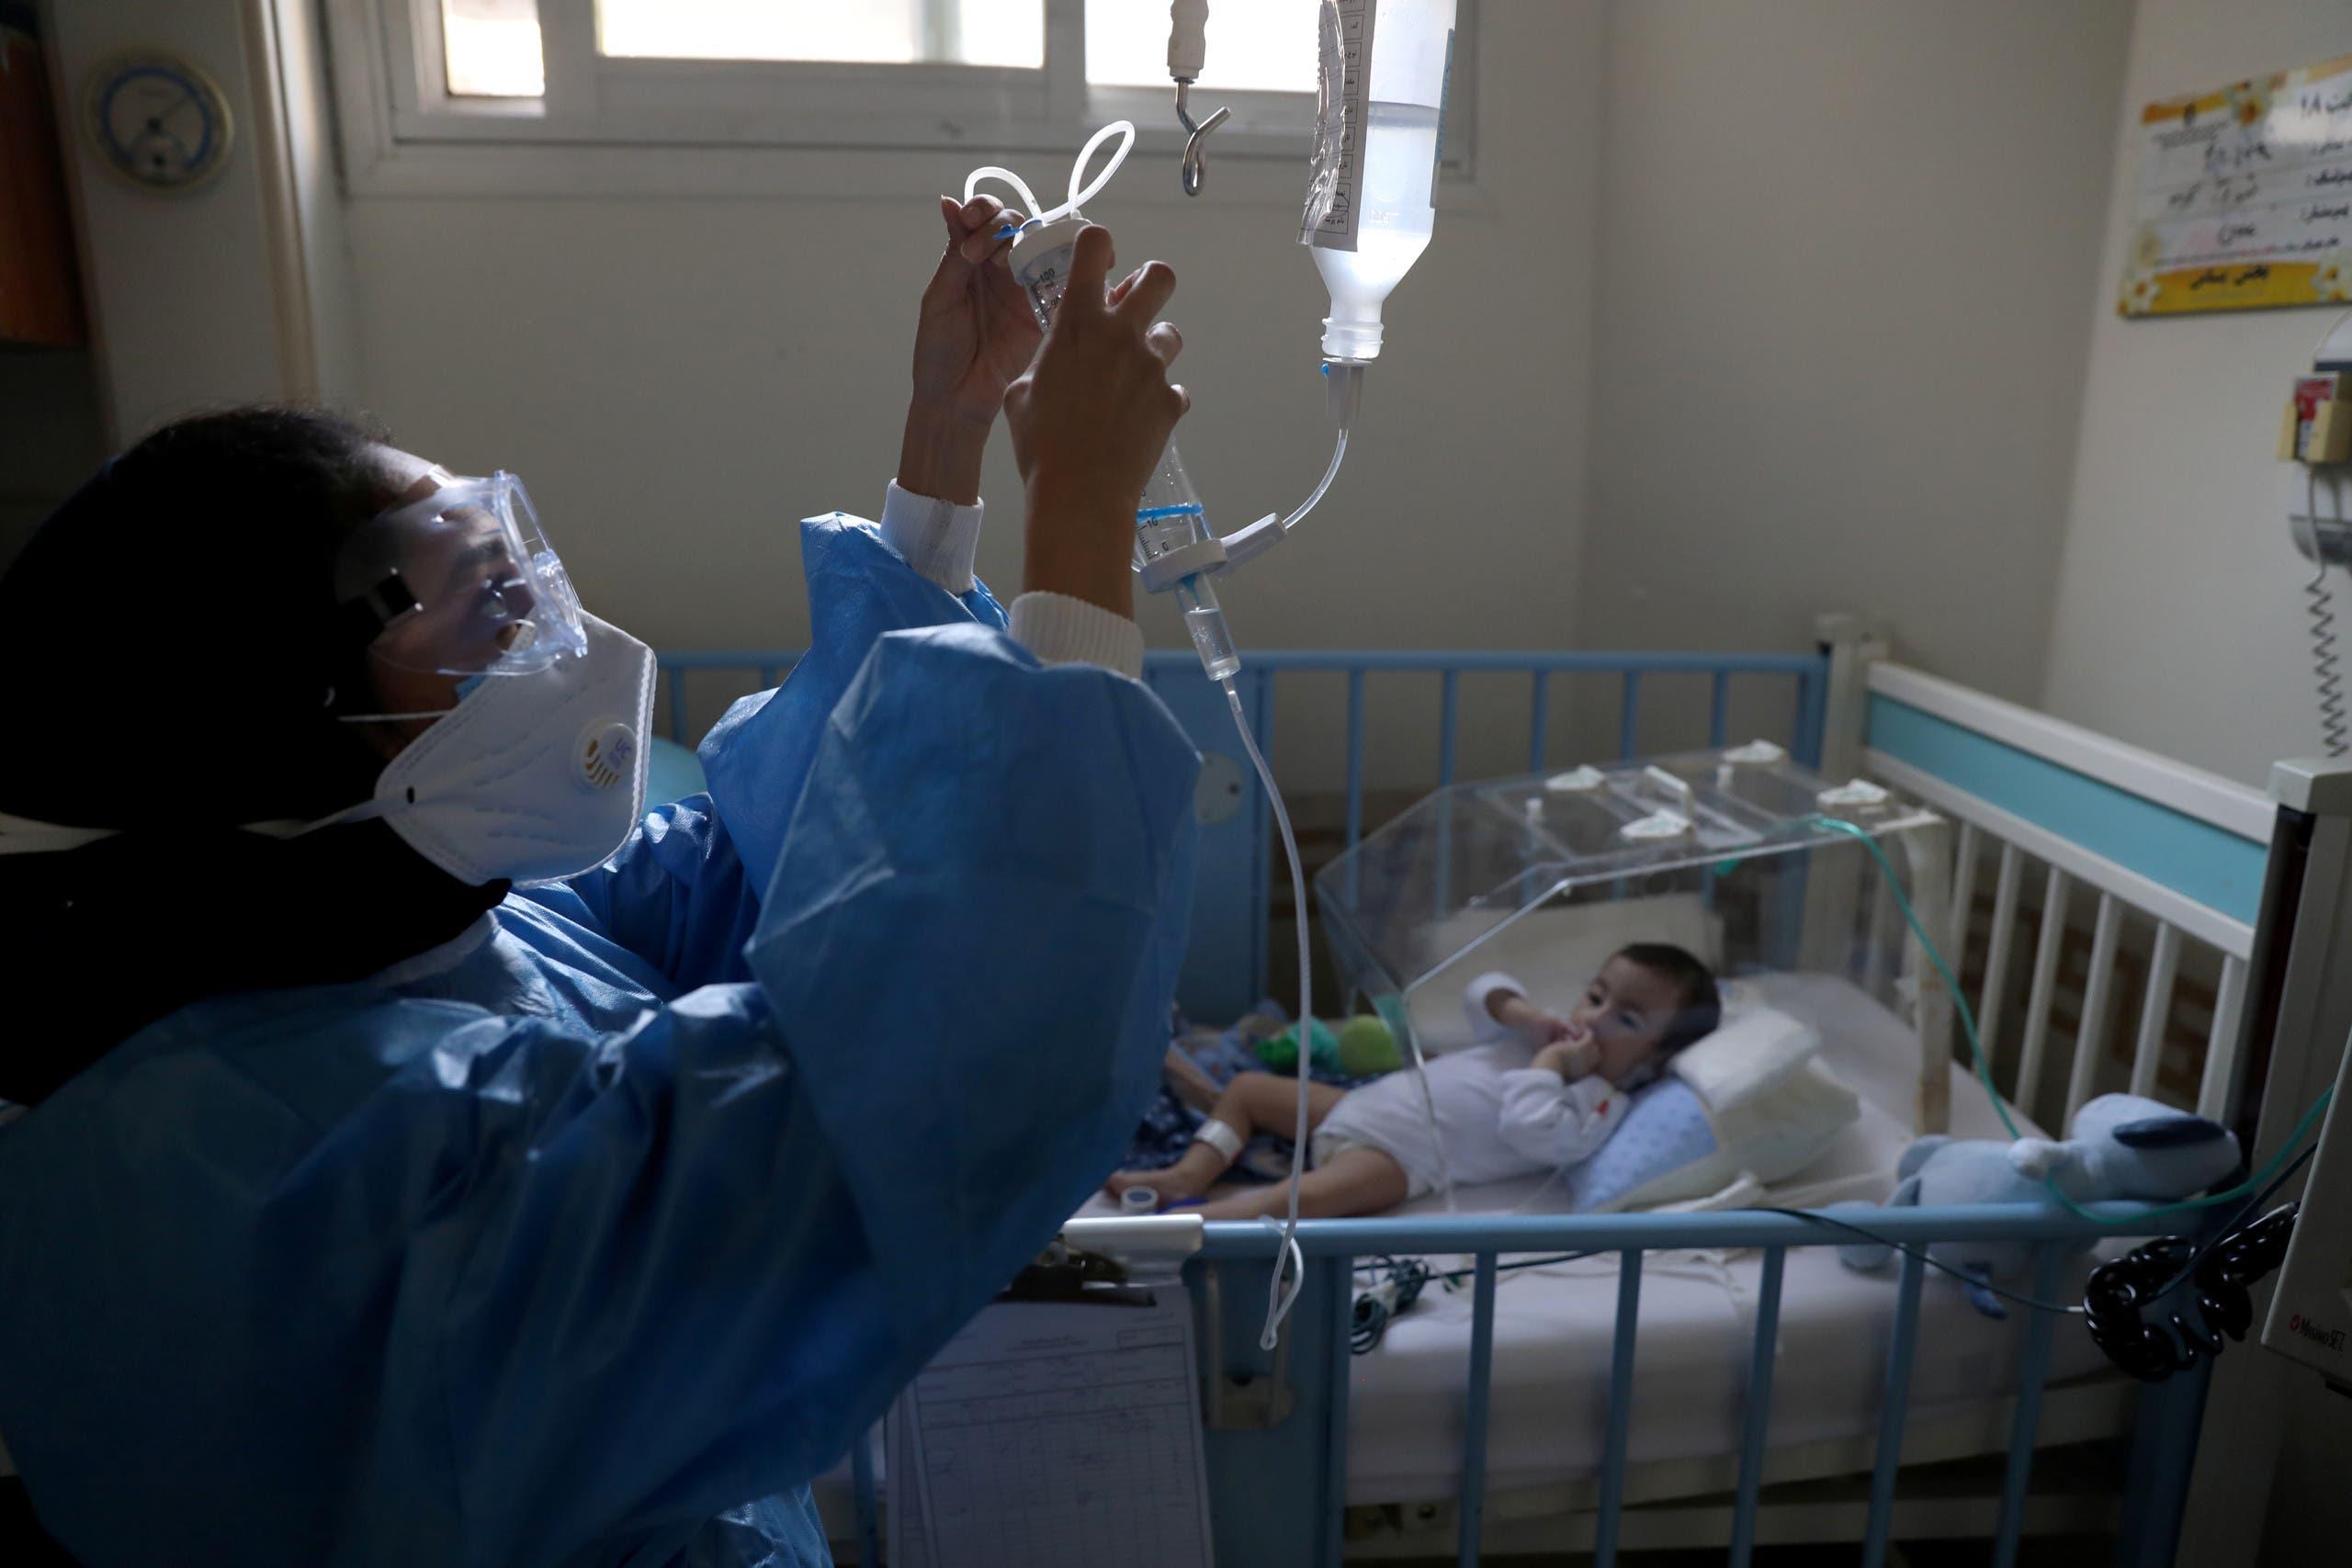 طفل مصاب بكورونا يتلقى العلاج في مستشفى بطهران